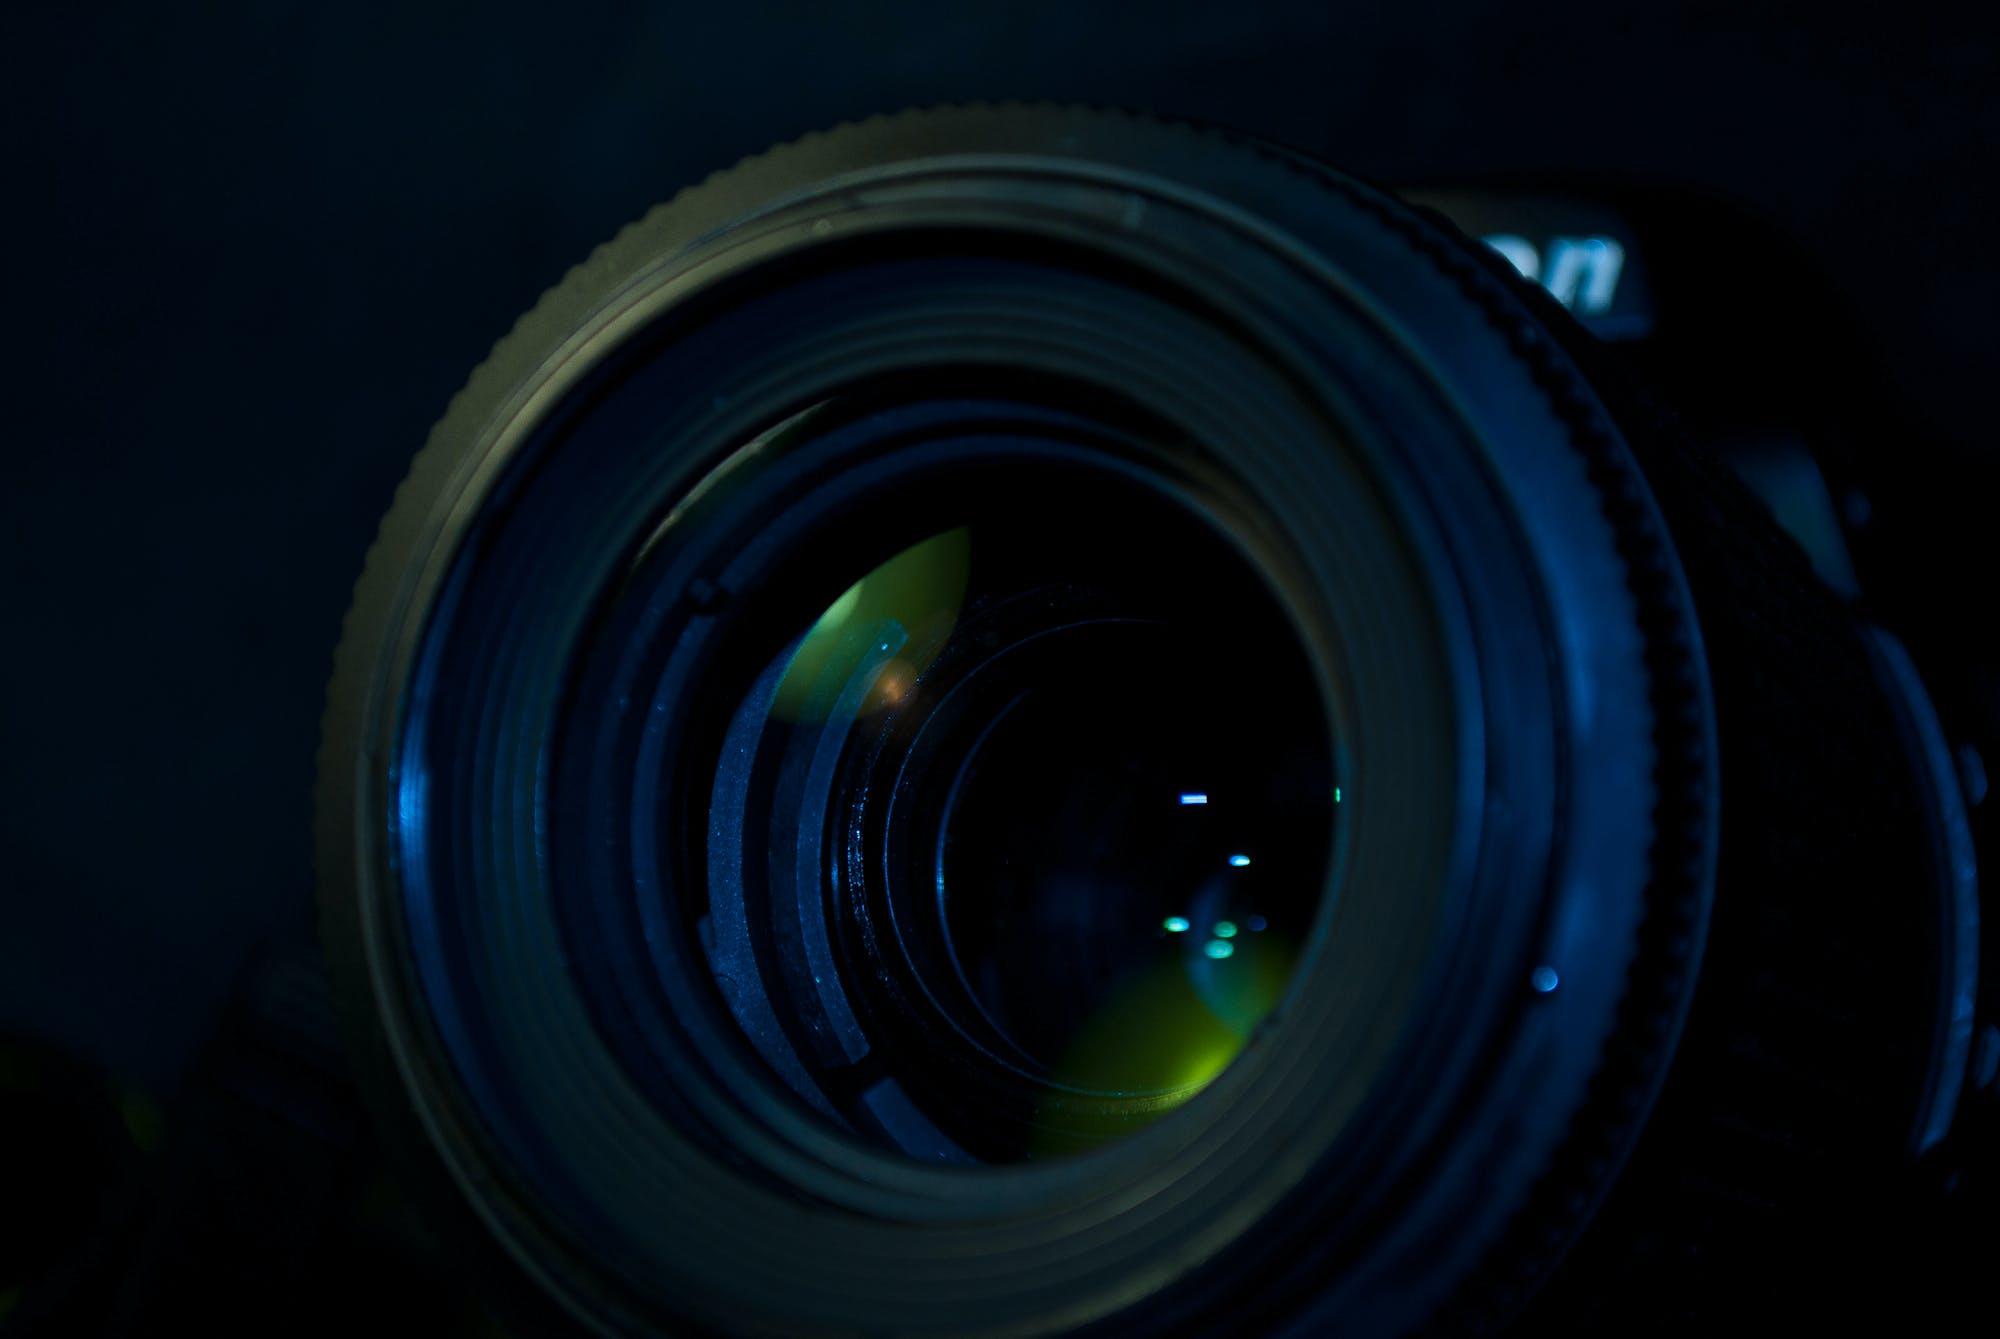 blur, camera, camera lens